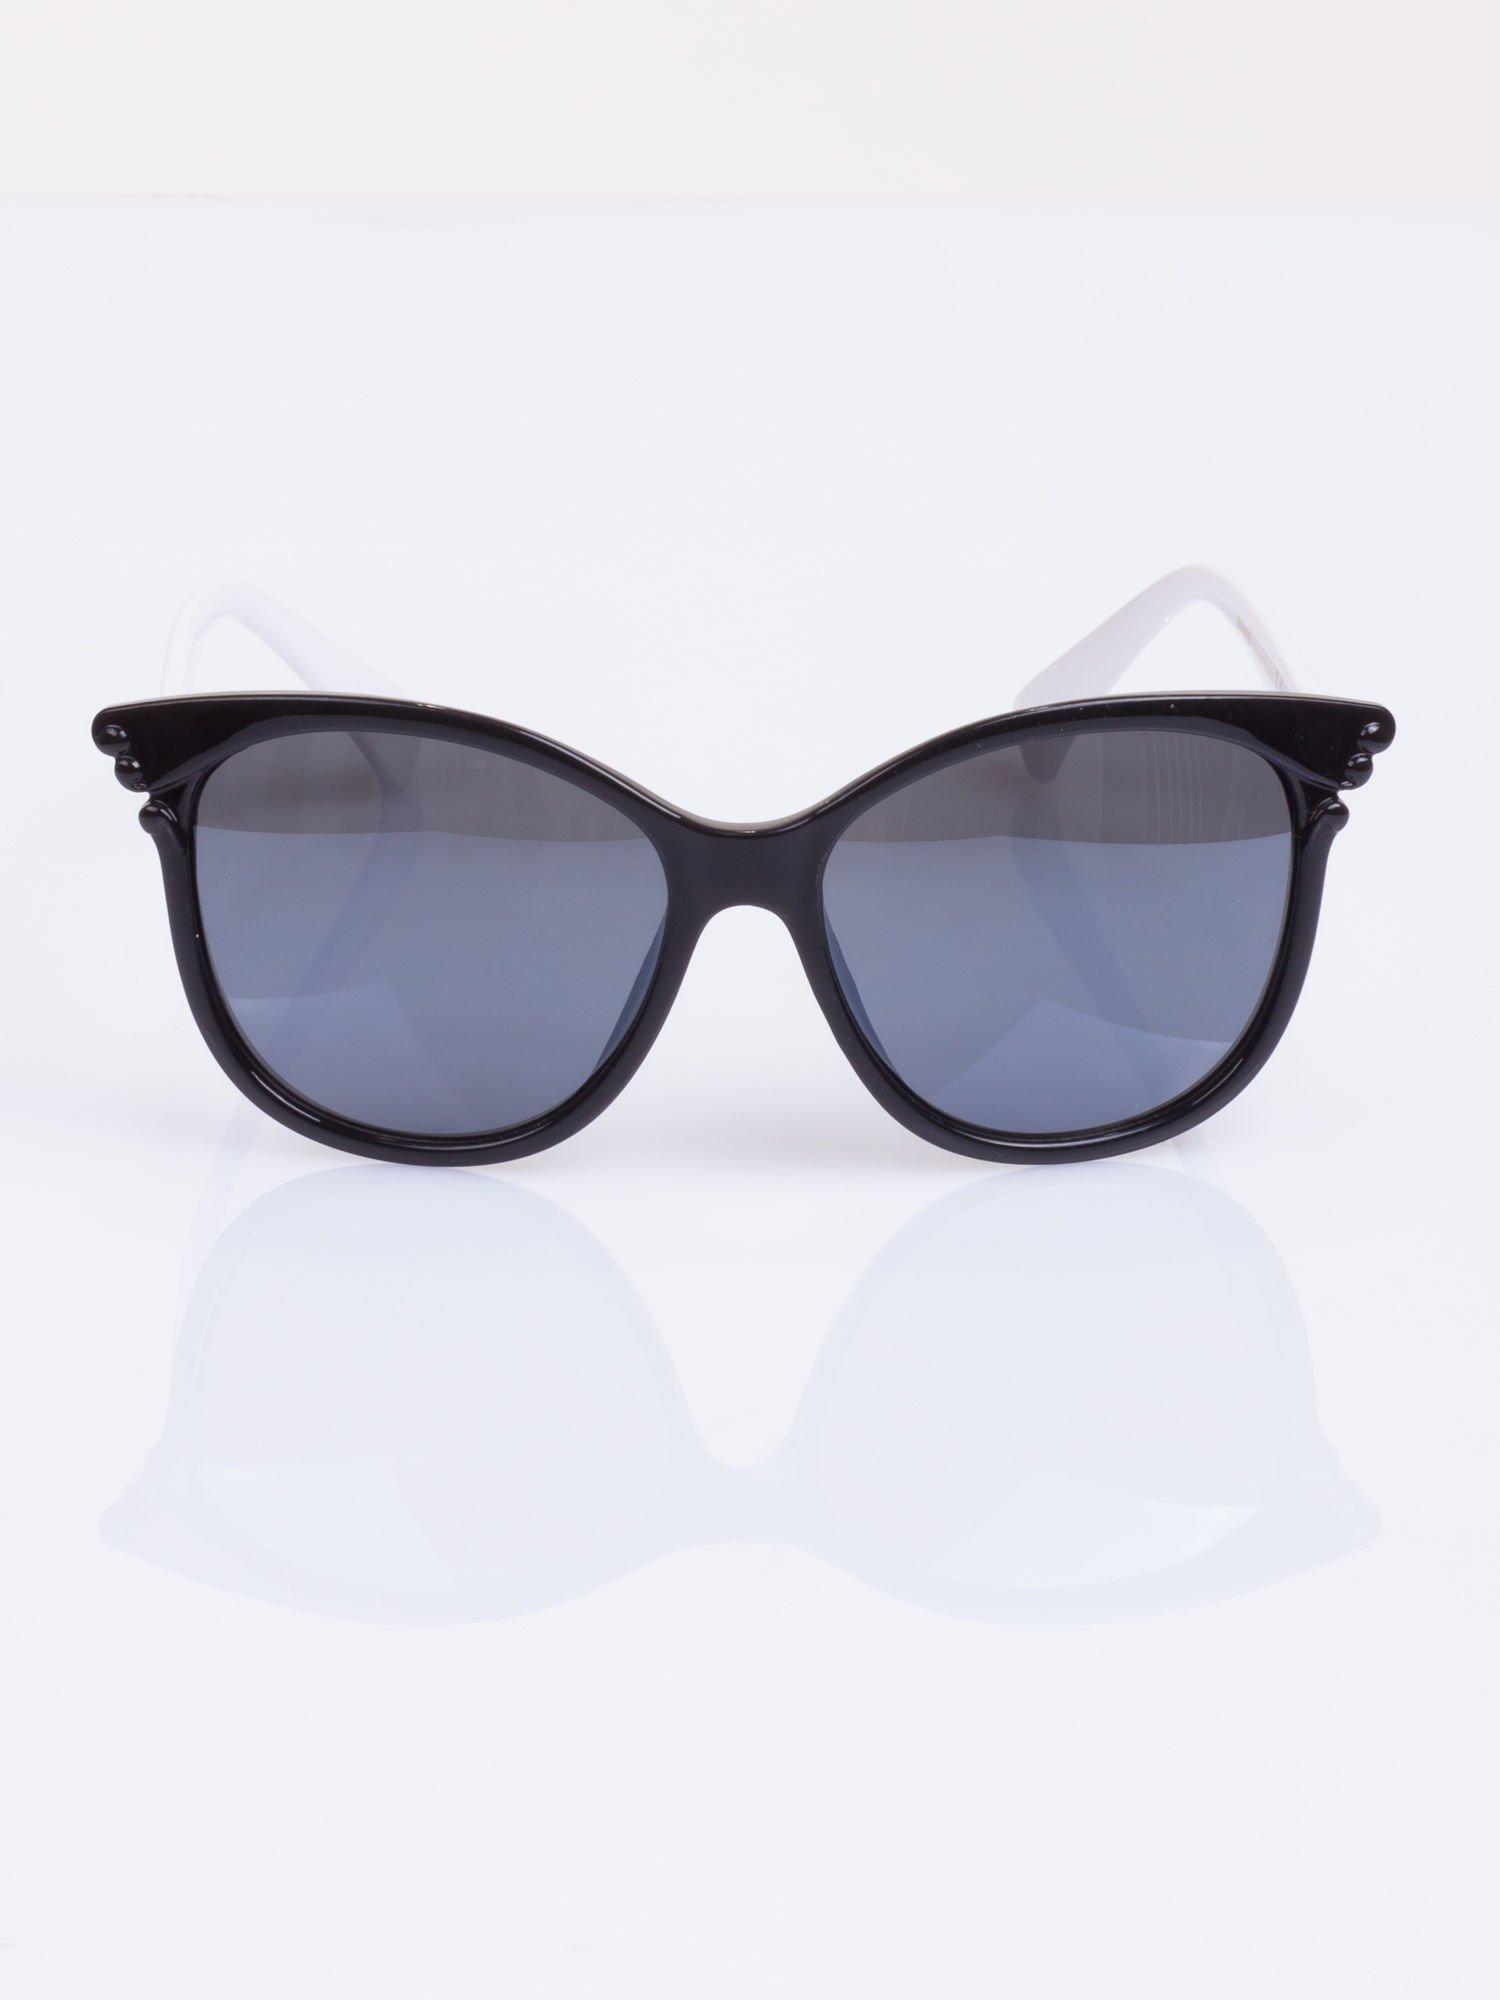 f00911cd650570 1; Okulary przeciwsłoneczne damskie